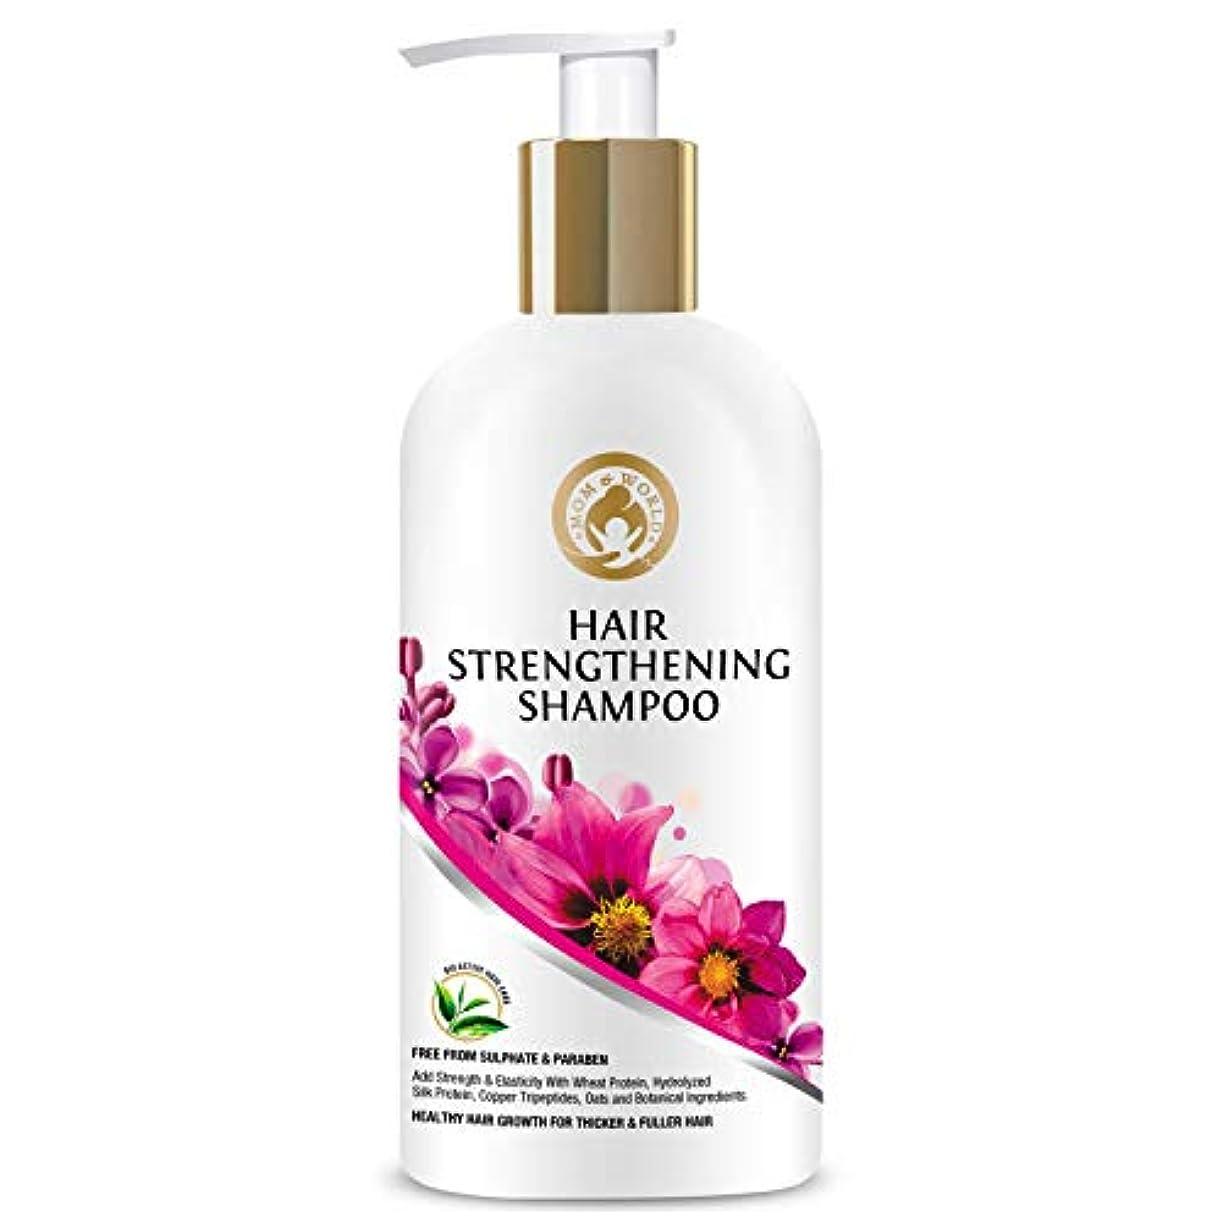 であるけん引泥沼Mom & World Hair Strengthening Shampoo - Protein Shampoo For Thicker And Fuller Hair, 300ml (No SLS, Paraben or...